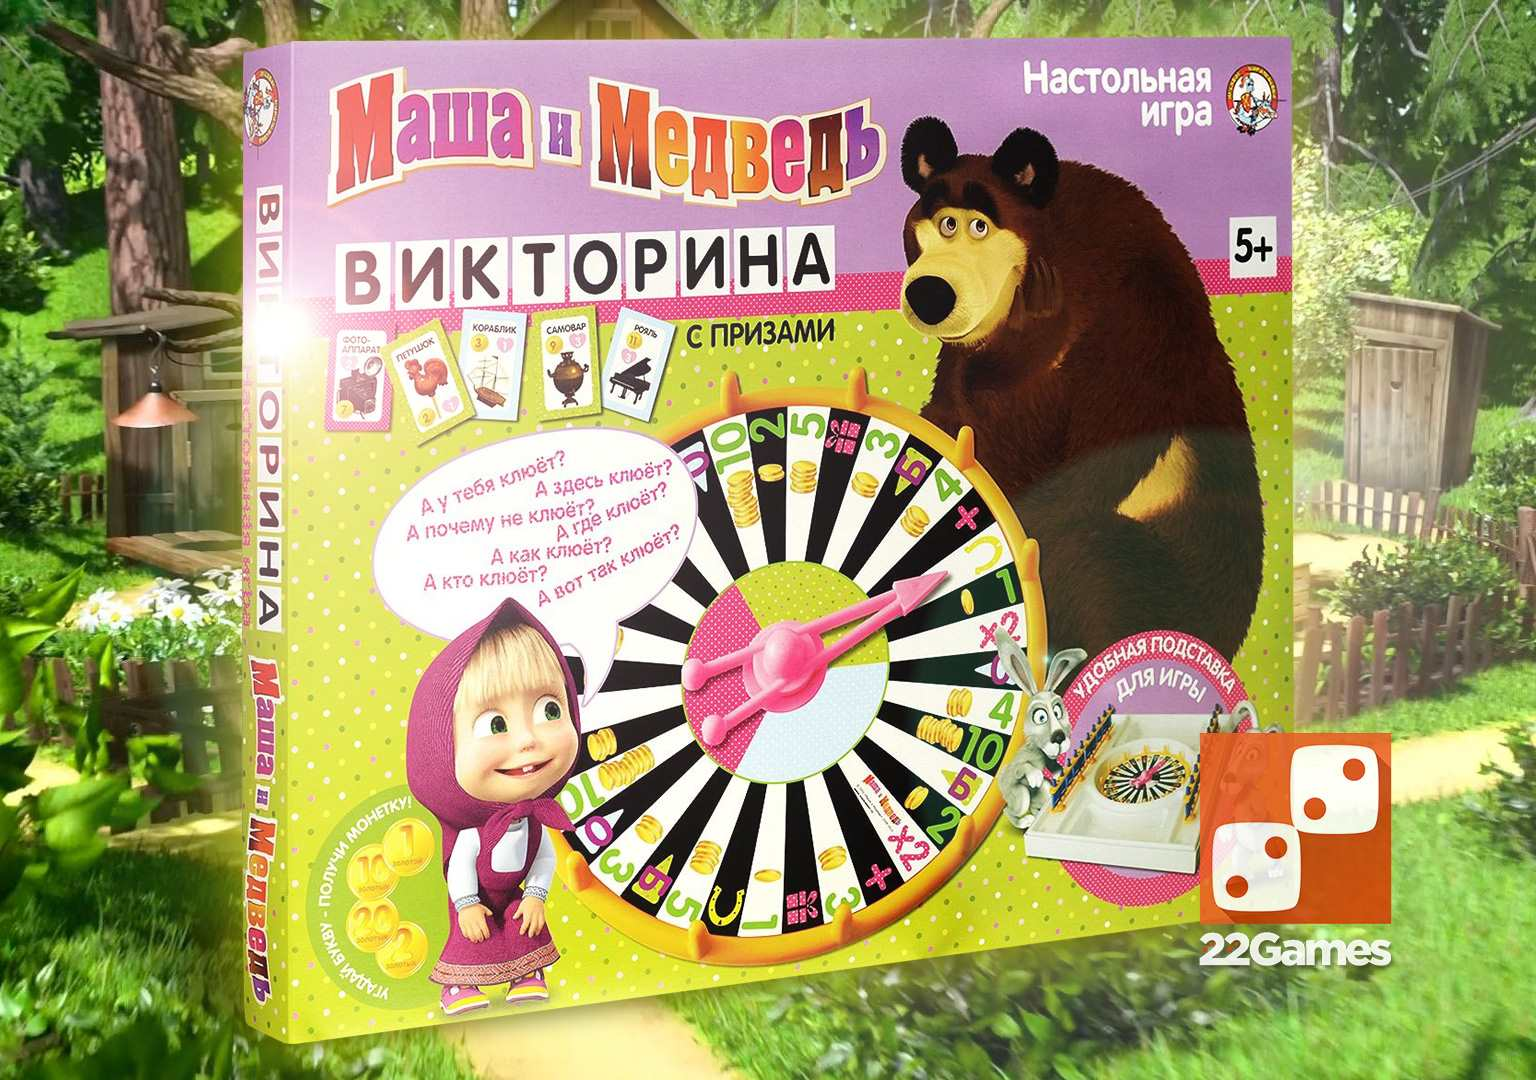 Маша и Медведь Викторина